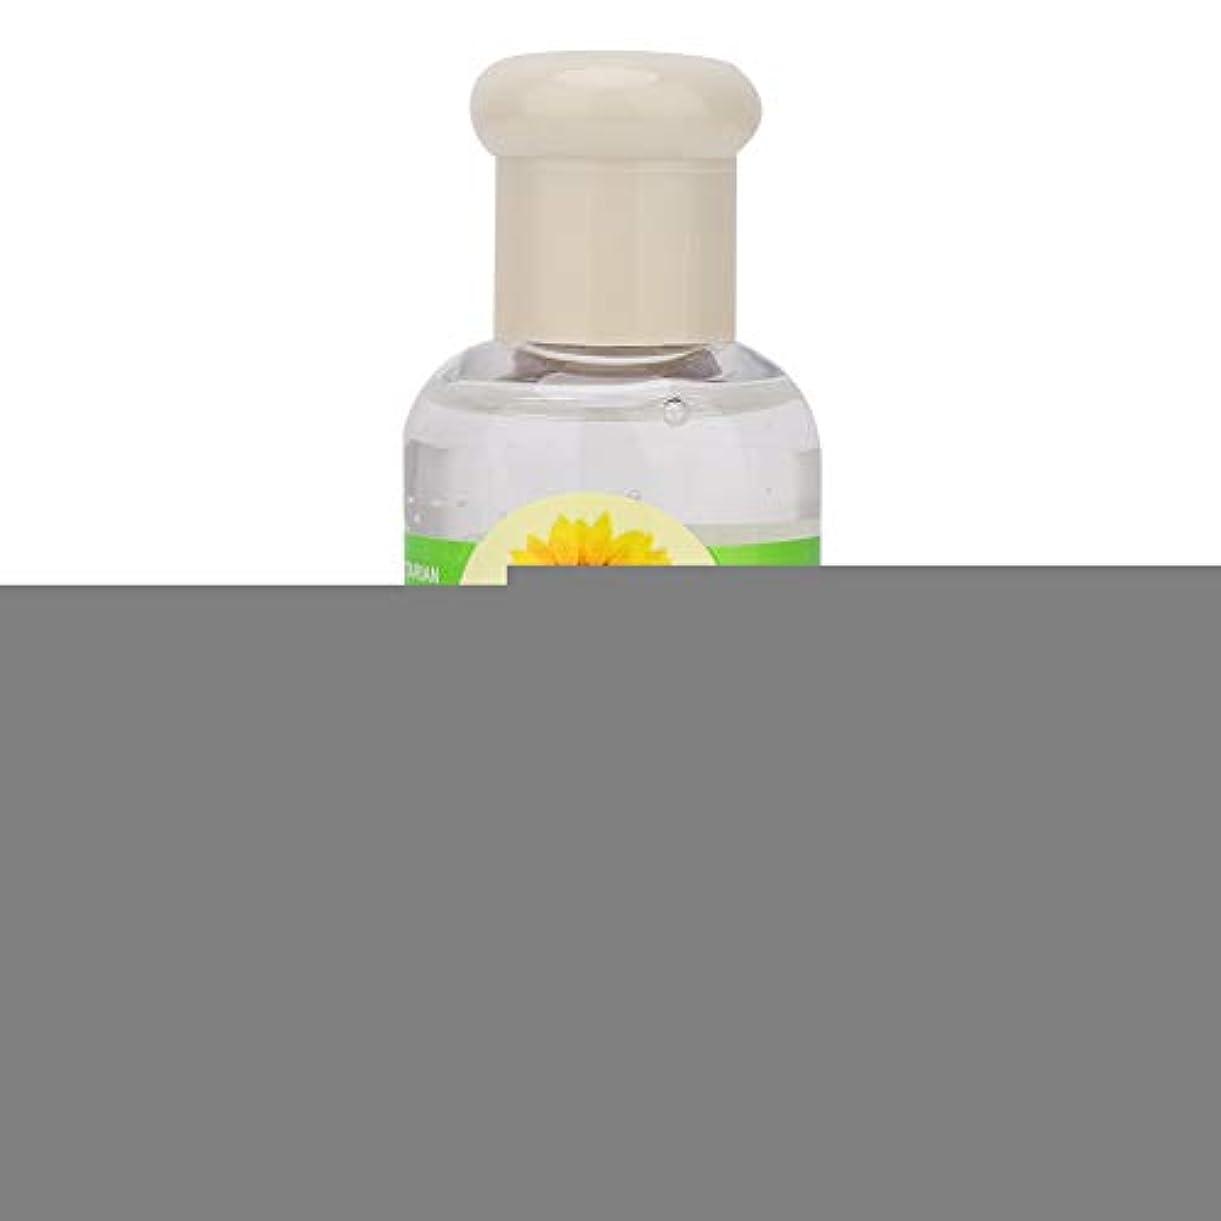 ルーハッピーカーペットフェイスオイル、保湿オイルを白くするビタミンE